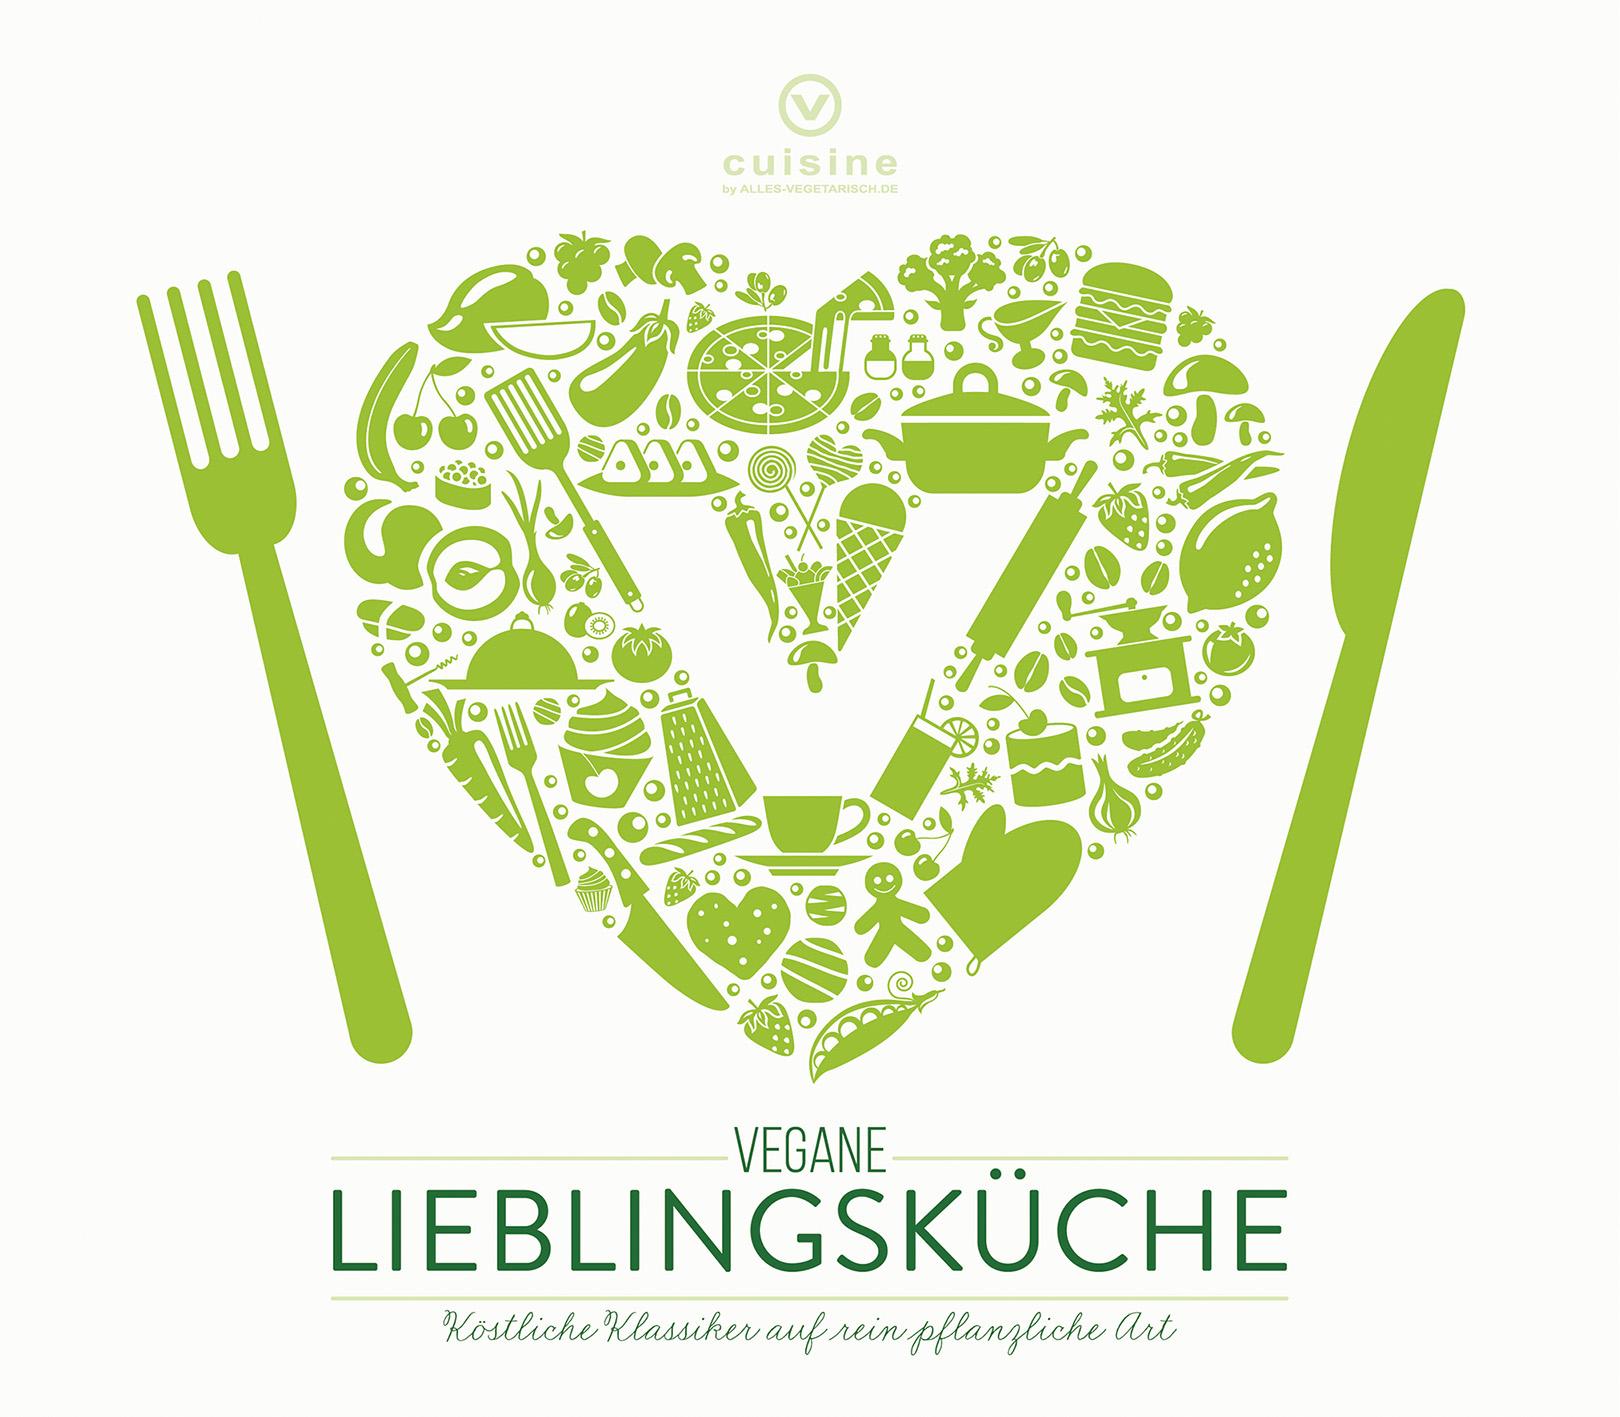 Vegane Lieblingsküche: Köstliche Klassiker auf ...